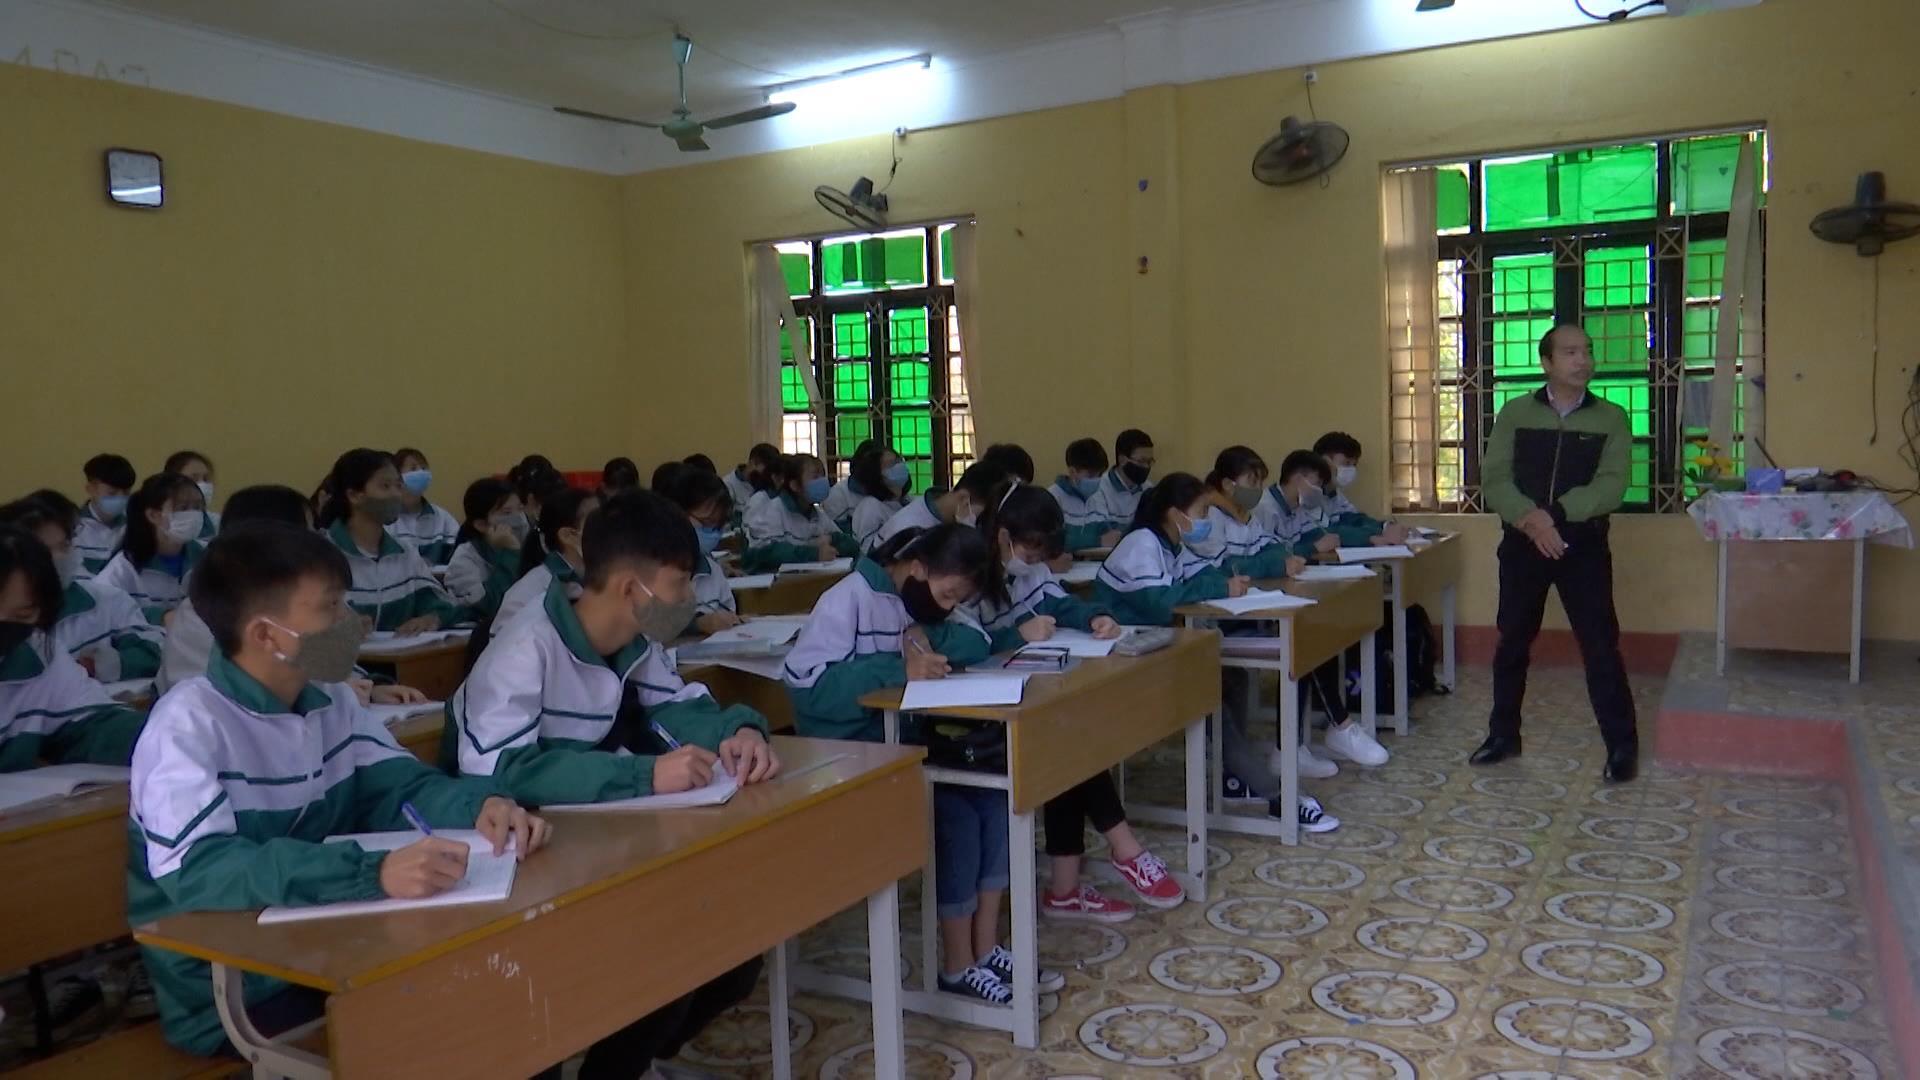 Bắc Ninh: Tỷ lệ học sinh đến trường đạt 99,03%